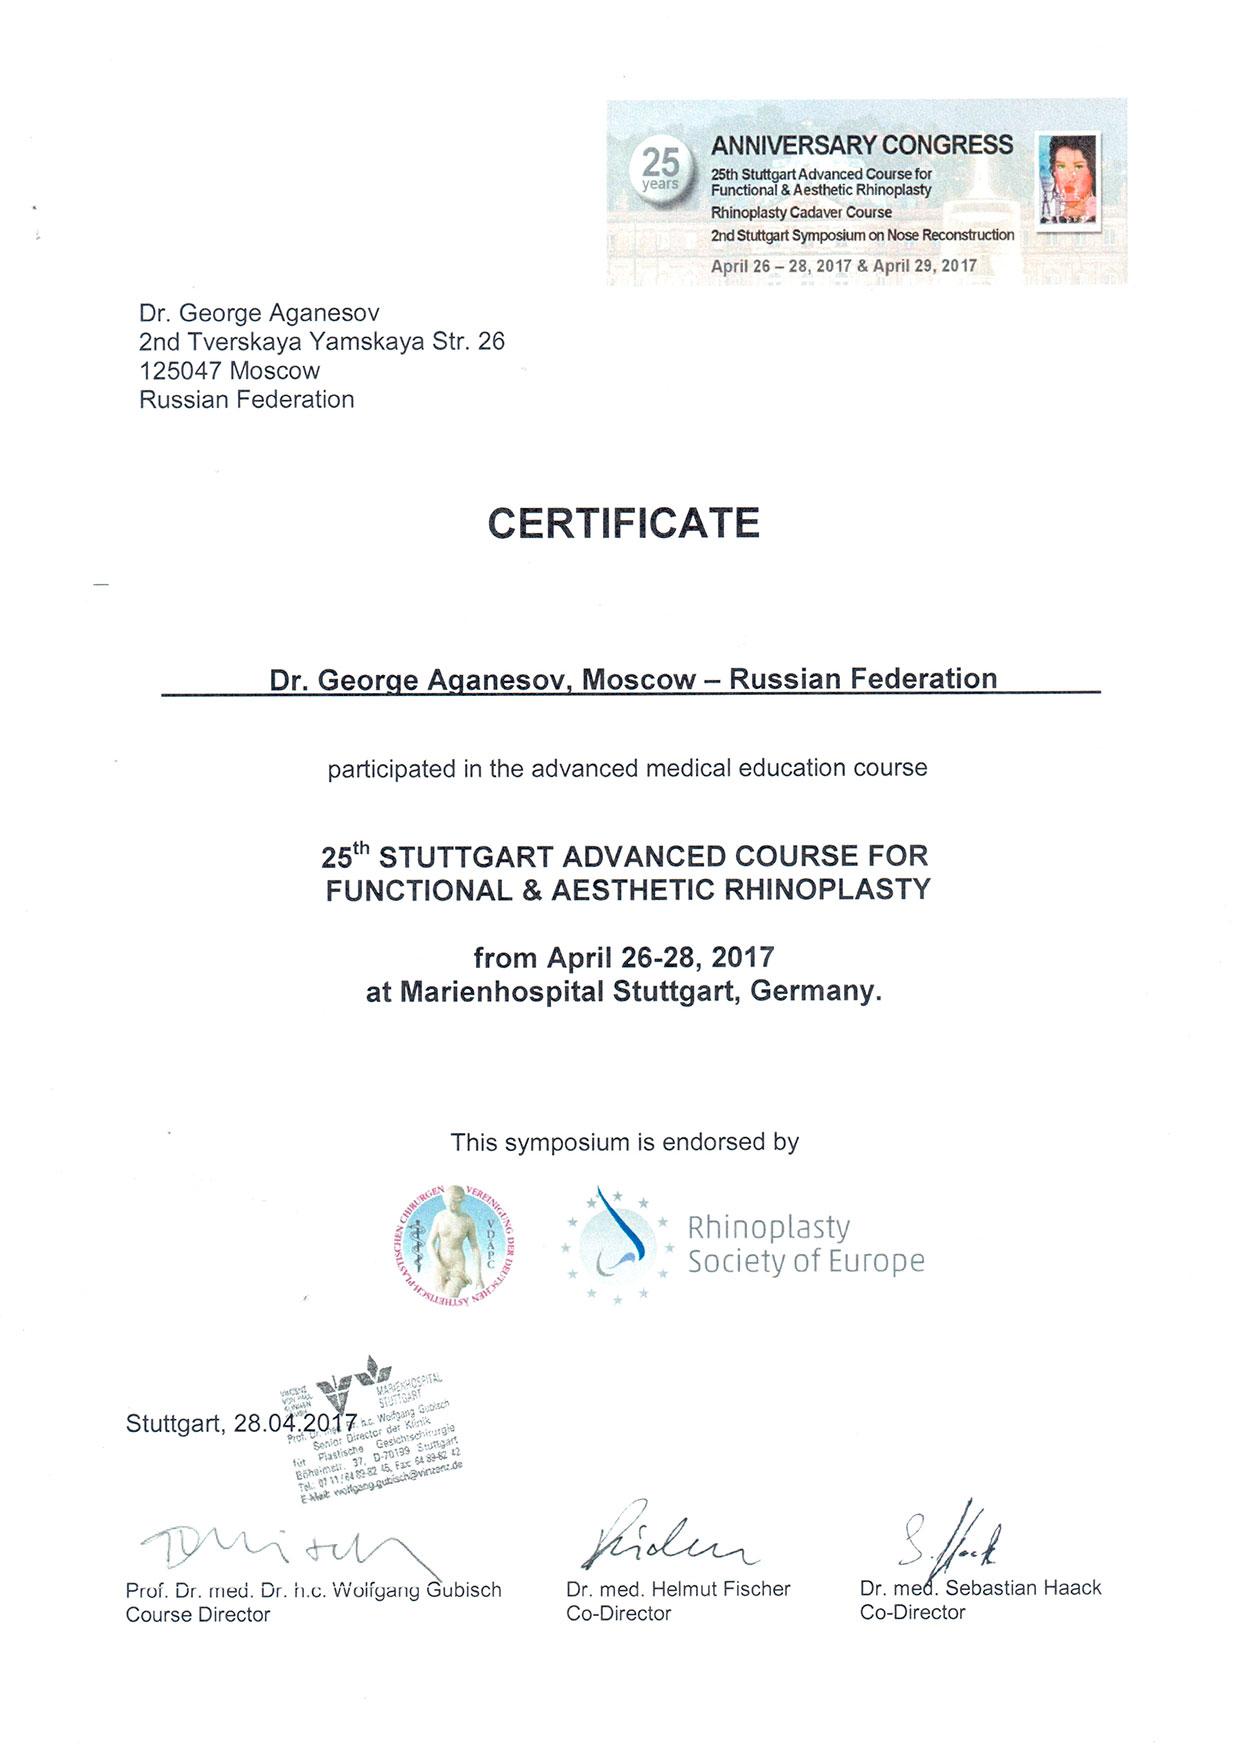 Штутгартский продвинутый курс по функциональной и эстетической ринопластике